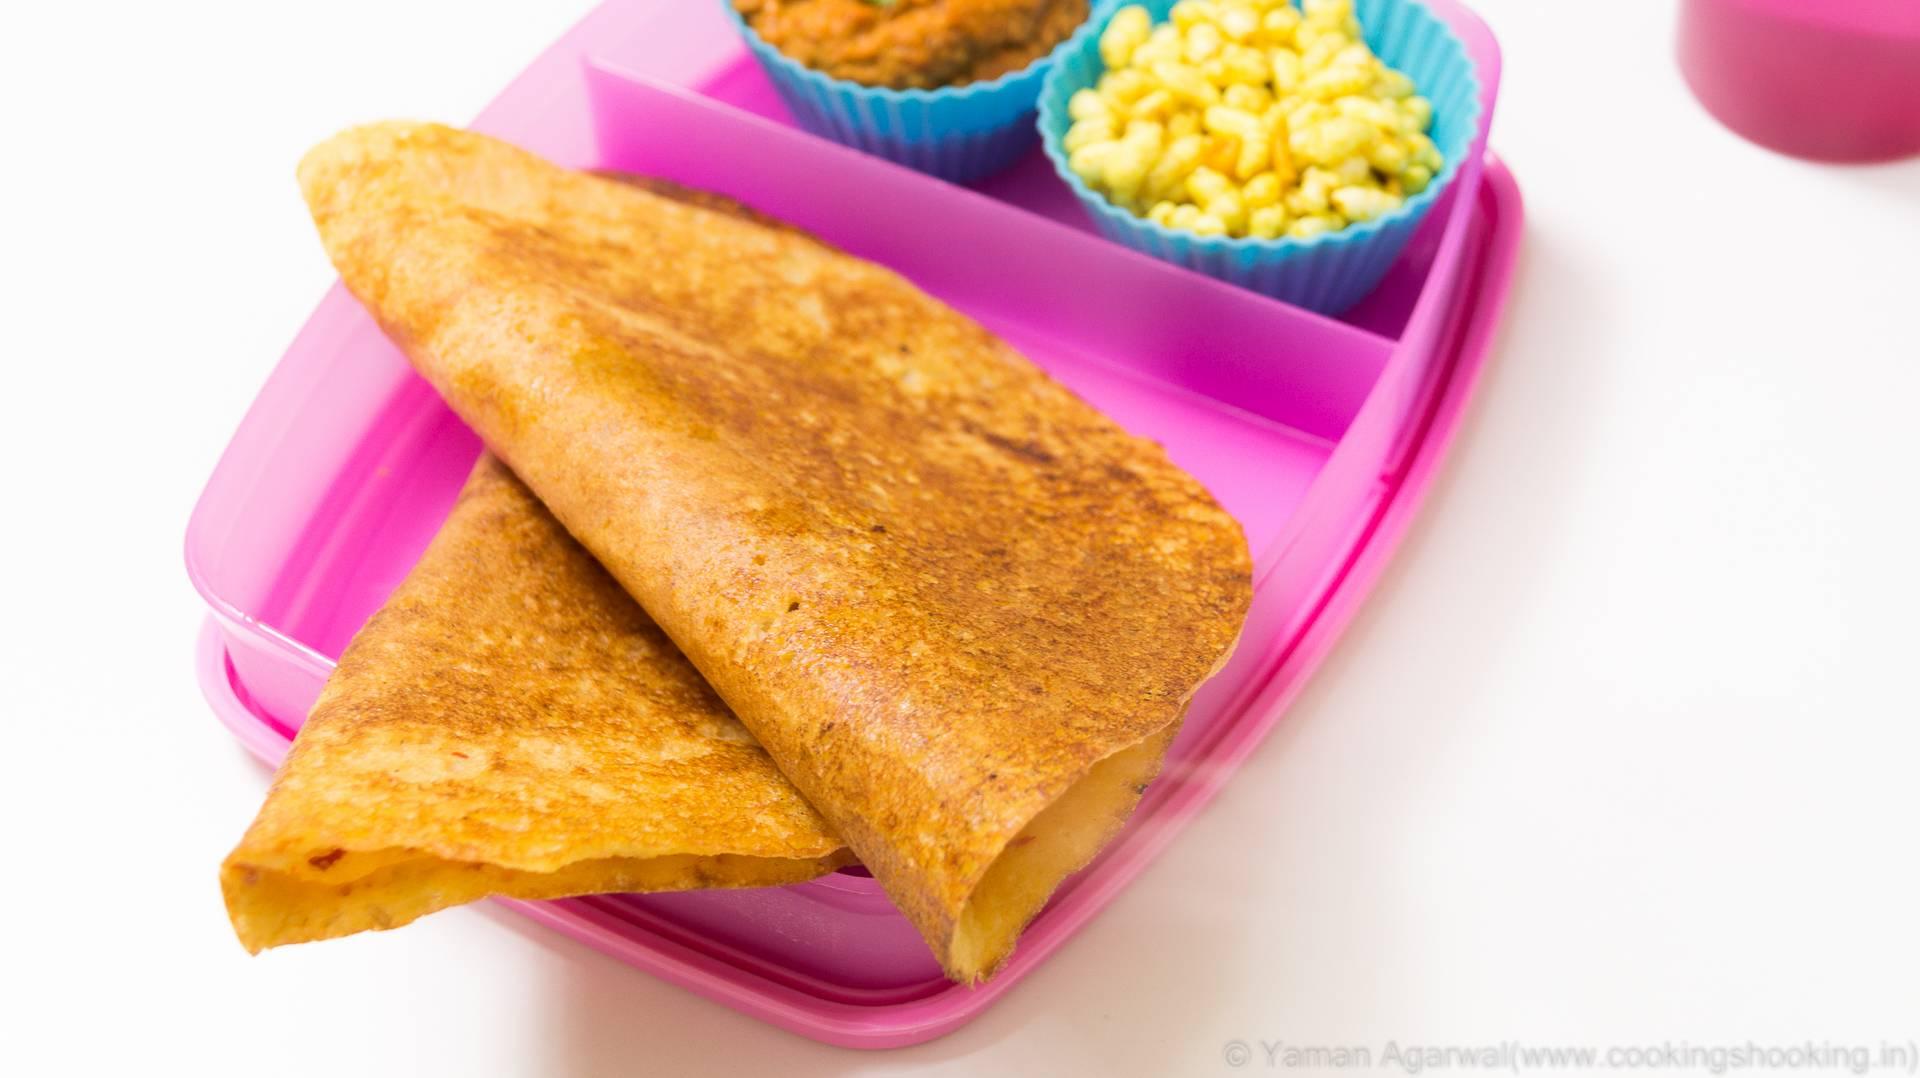 Adai Recipe / Multi-lentil dosa | South Indian Healthy Kids Lunch Box Recipe